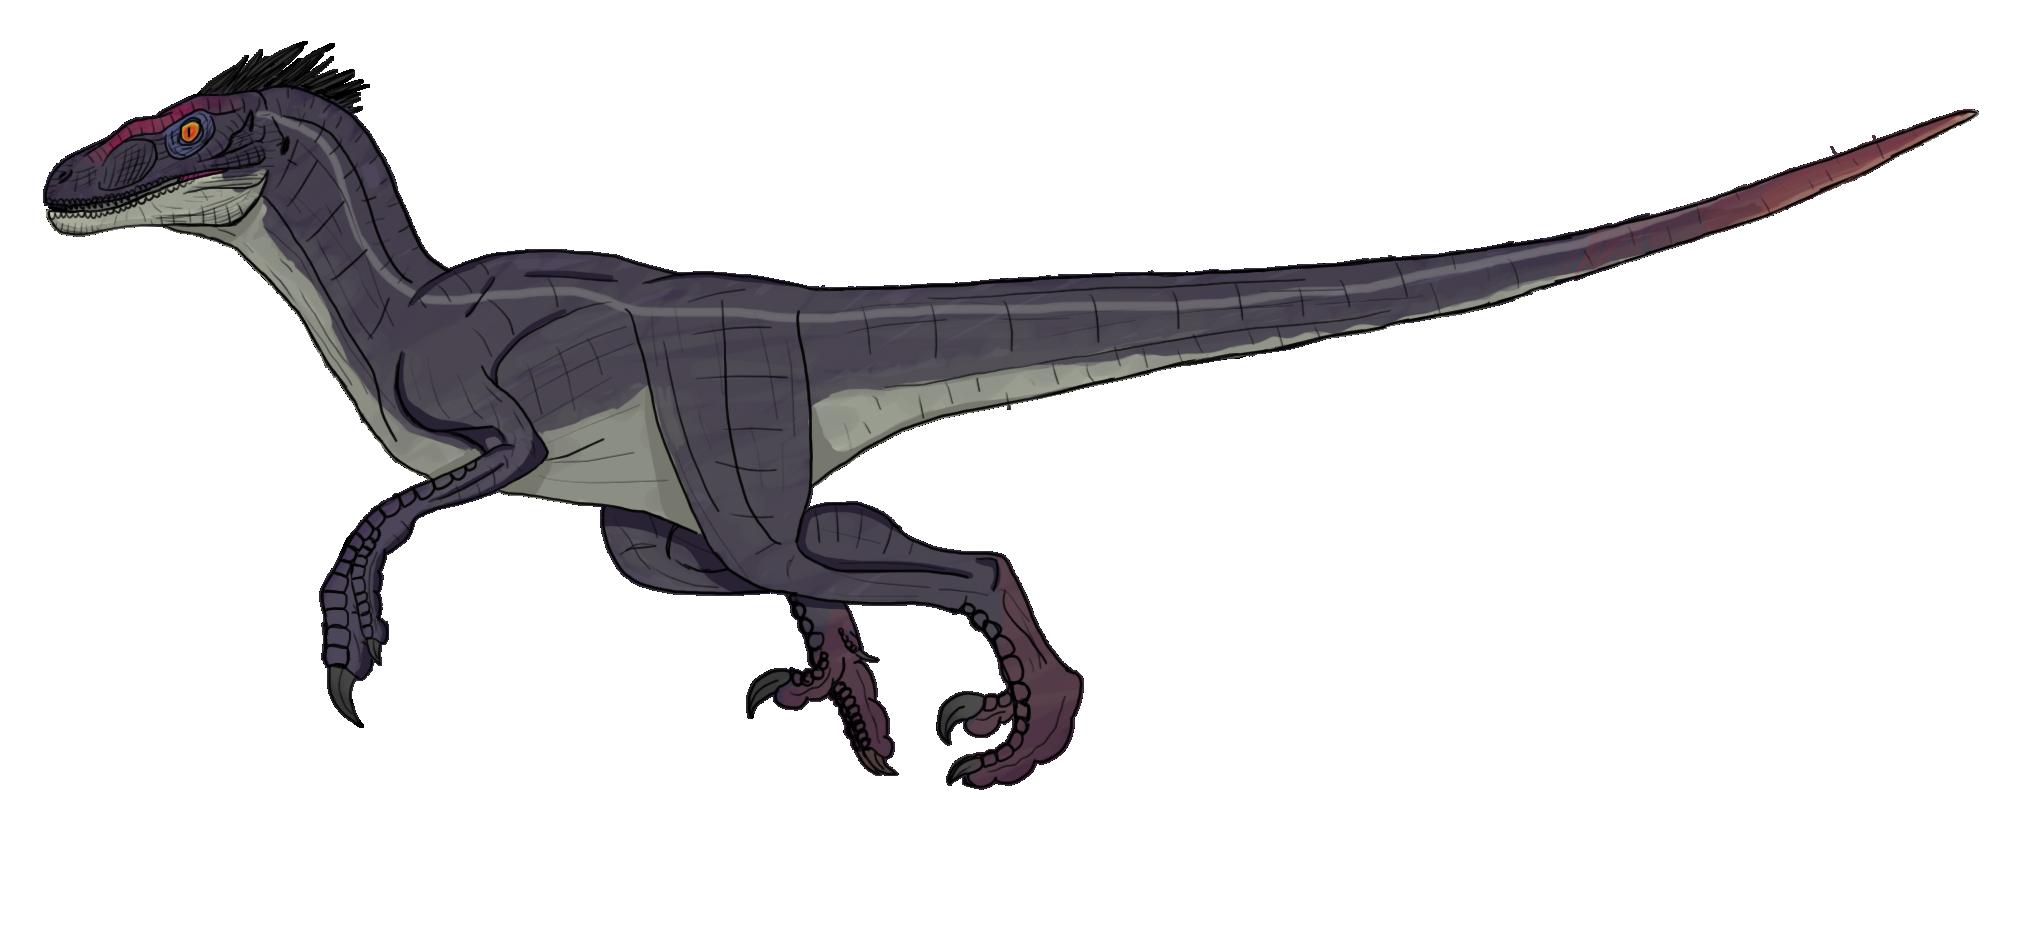 imprimer le dessin en couleurs animaux dinosaures velociraptor numro 219432